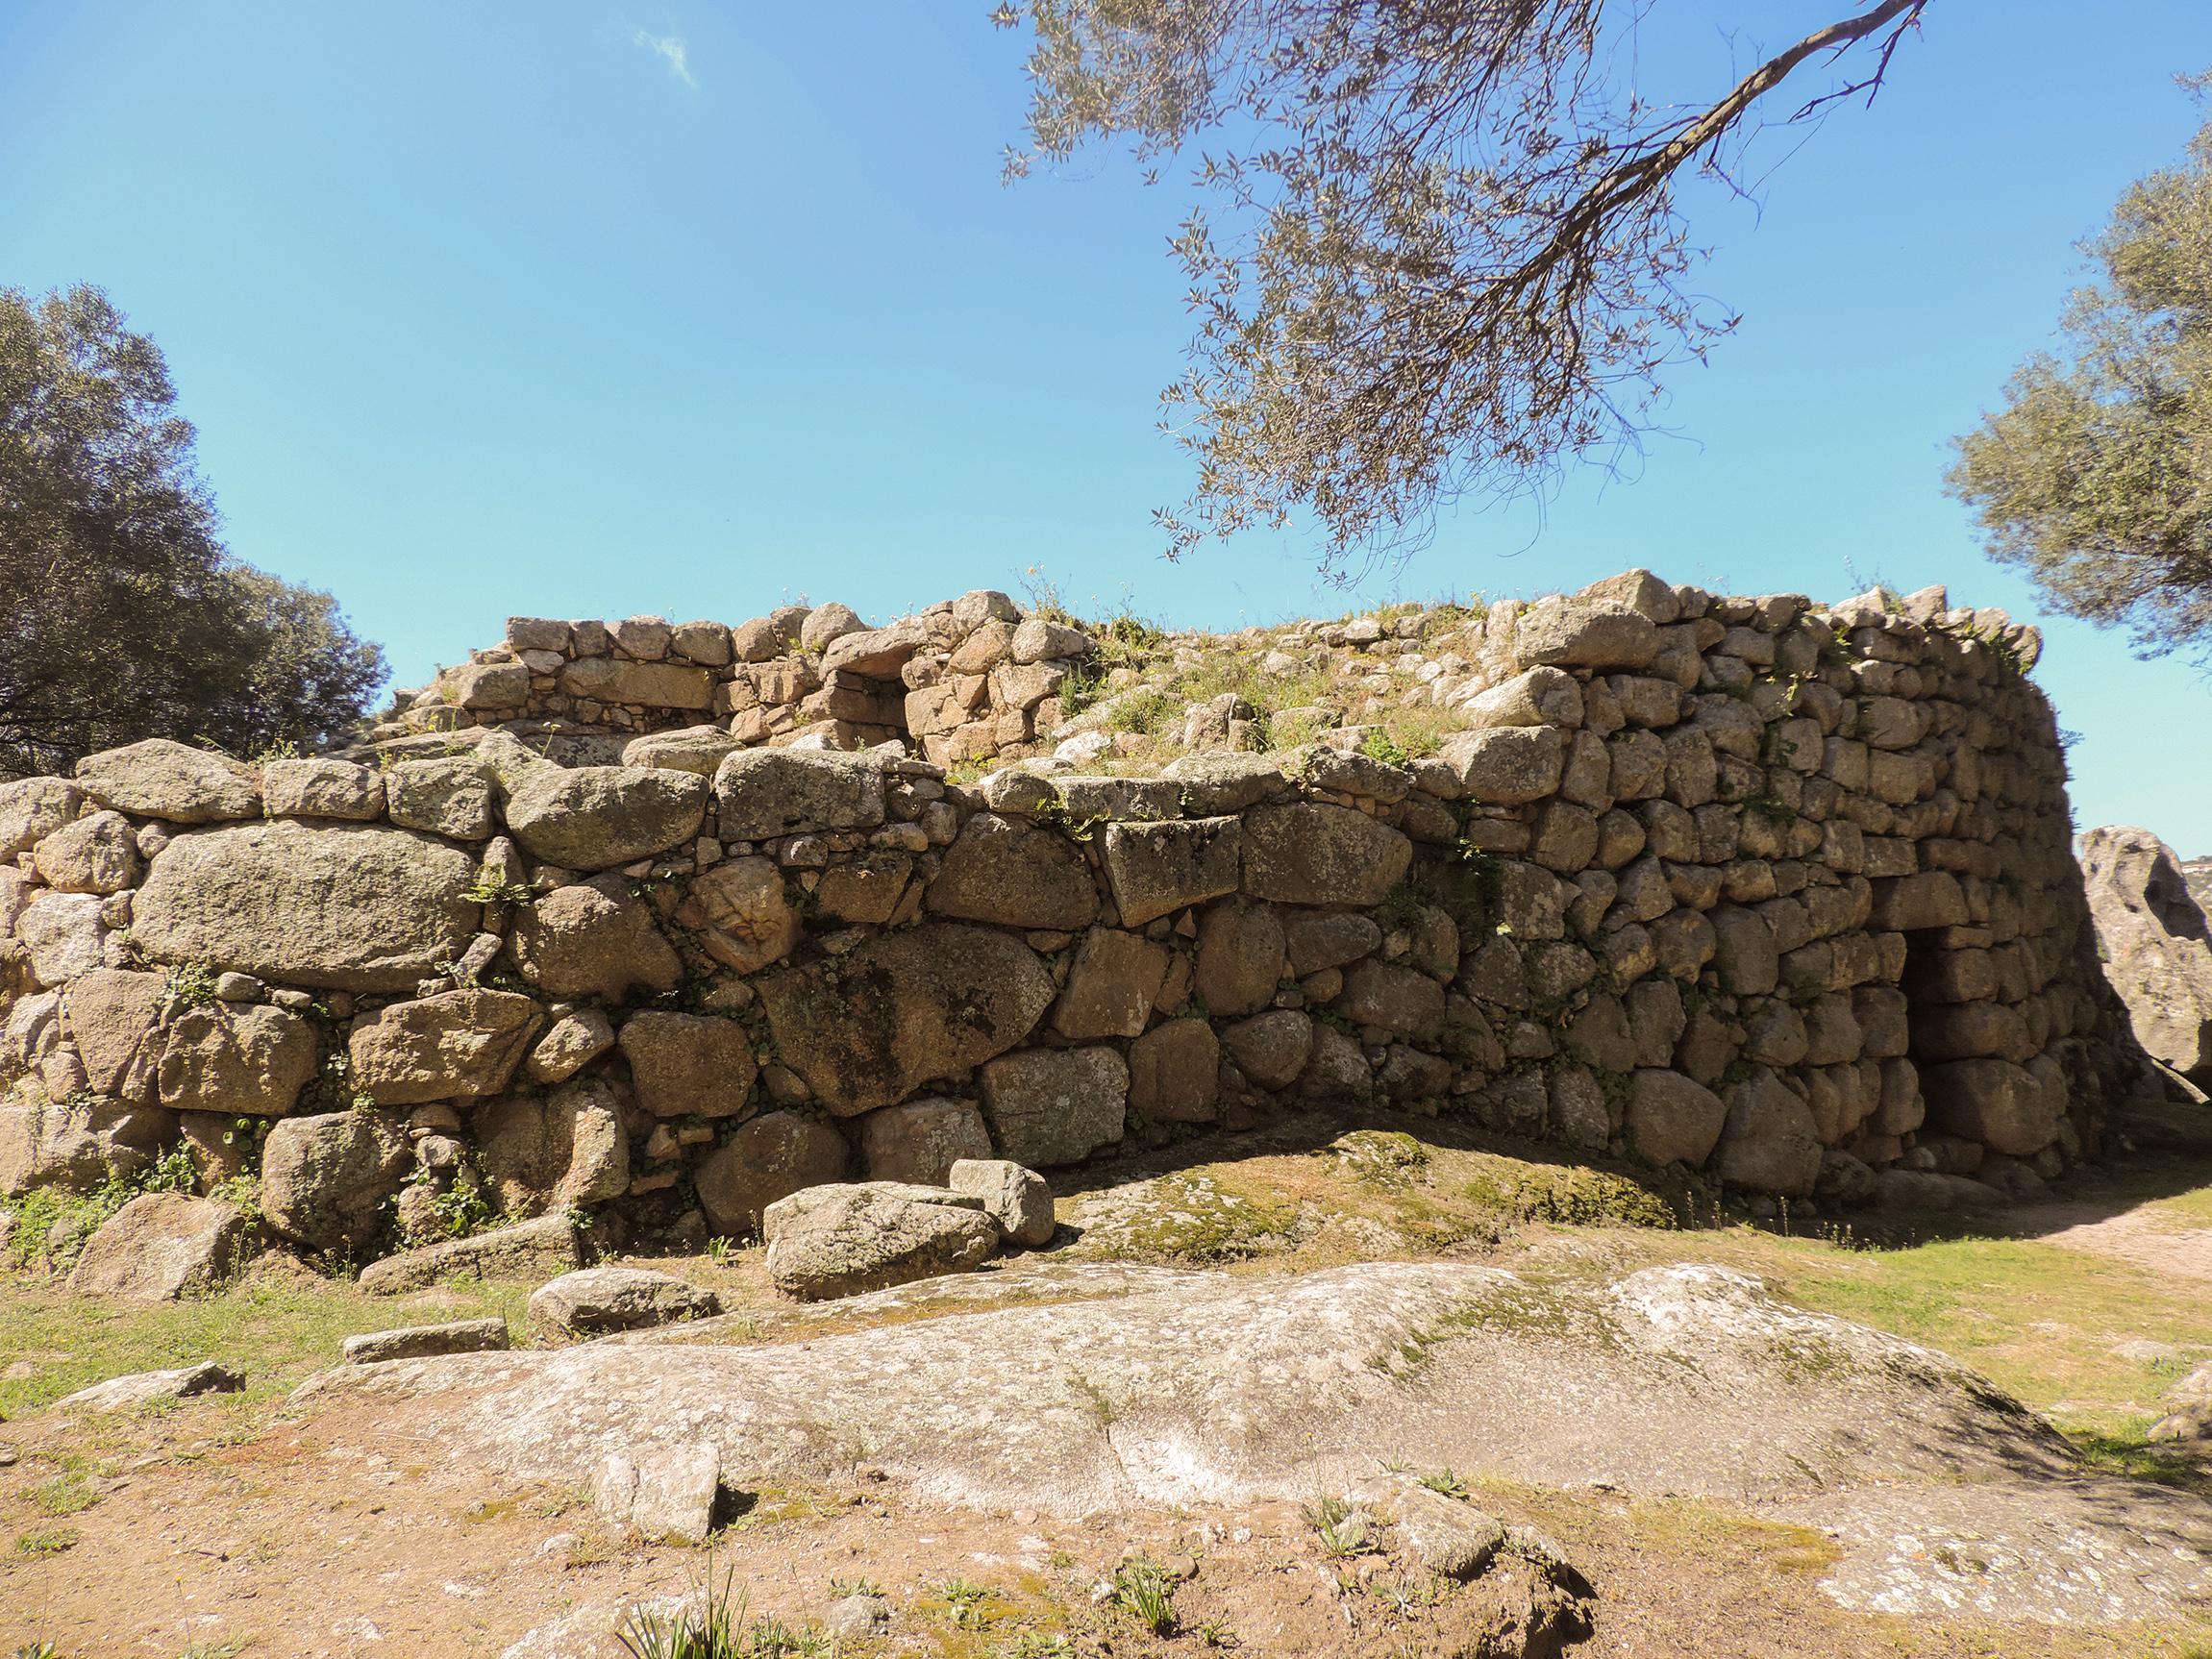 Nuraghe Albucciu - Parco archeologico di Arzachena (su concessione del MIBAC -Soprintendenza Archeologia, Belle Arti e Paesaggio per le Province di Sassari e Nuoro)